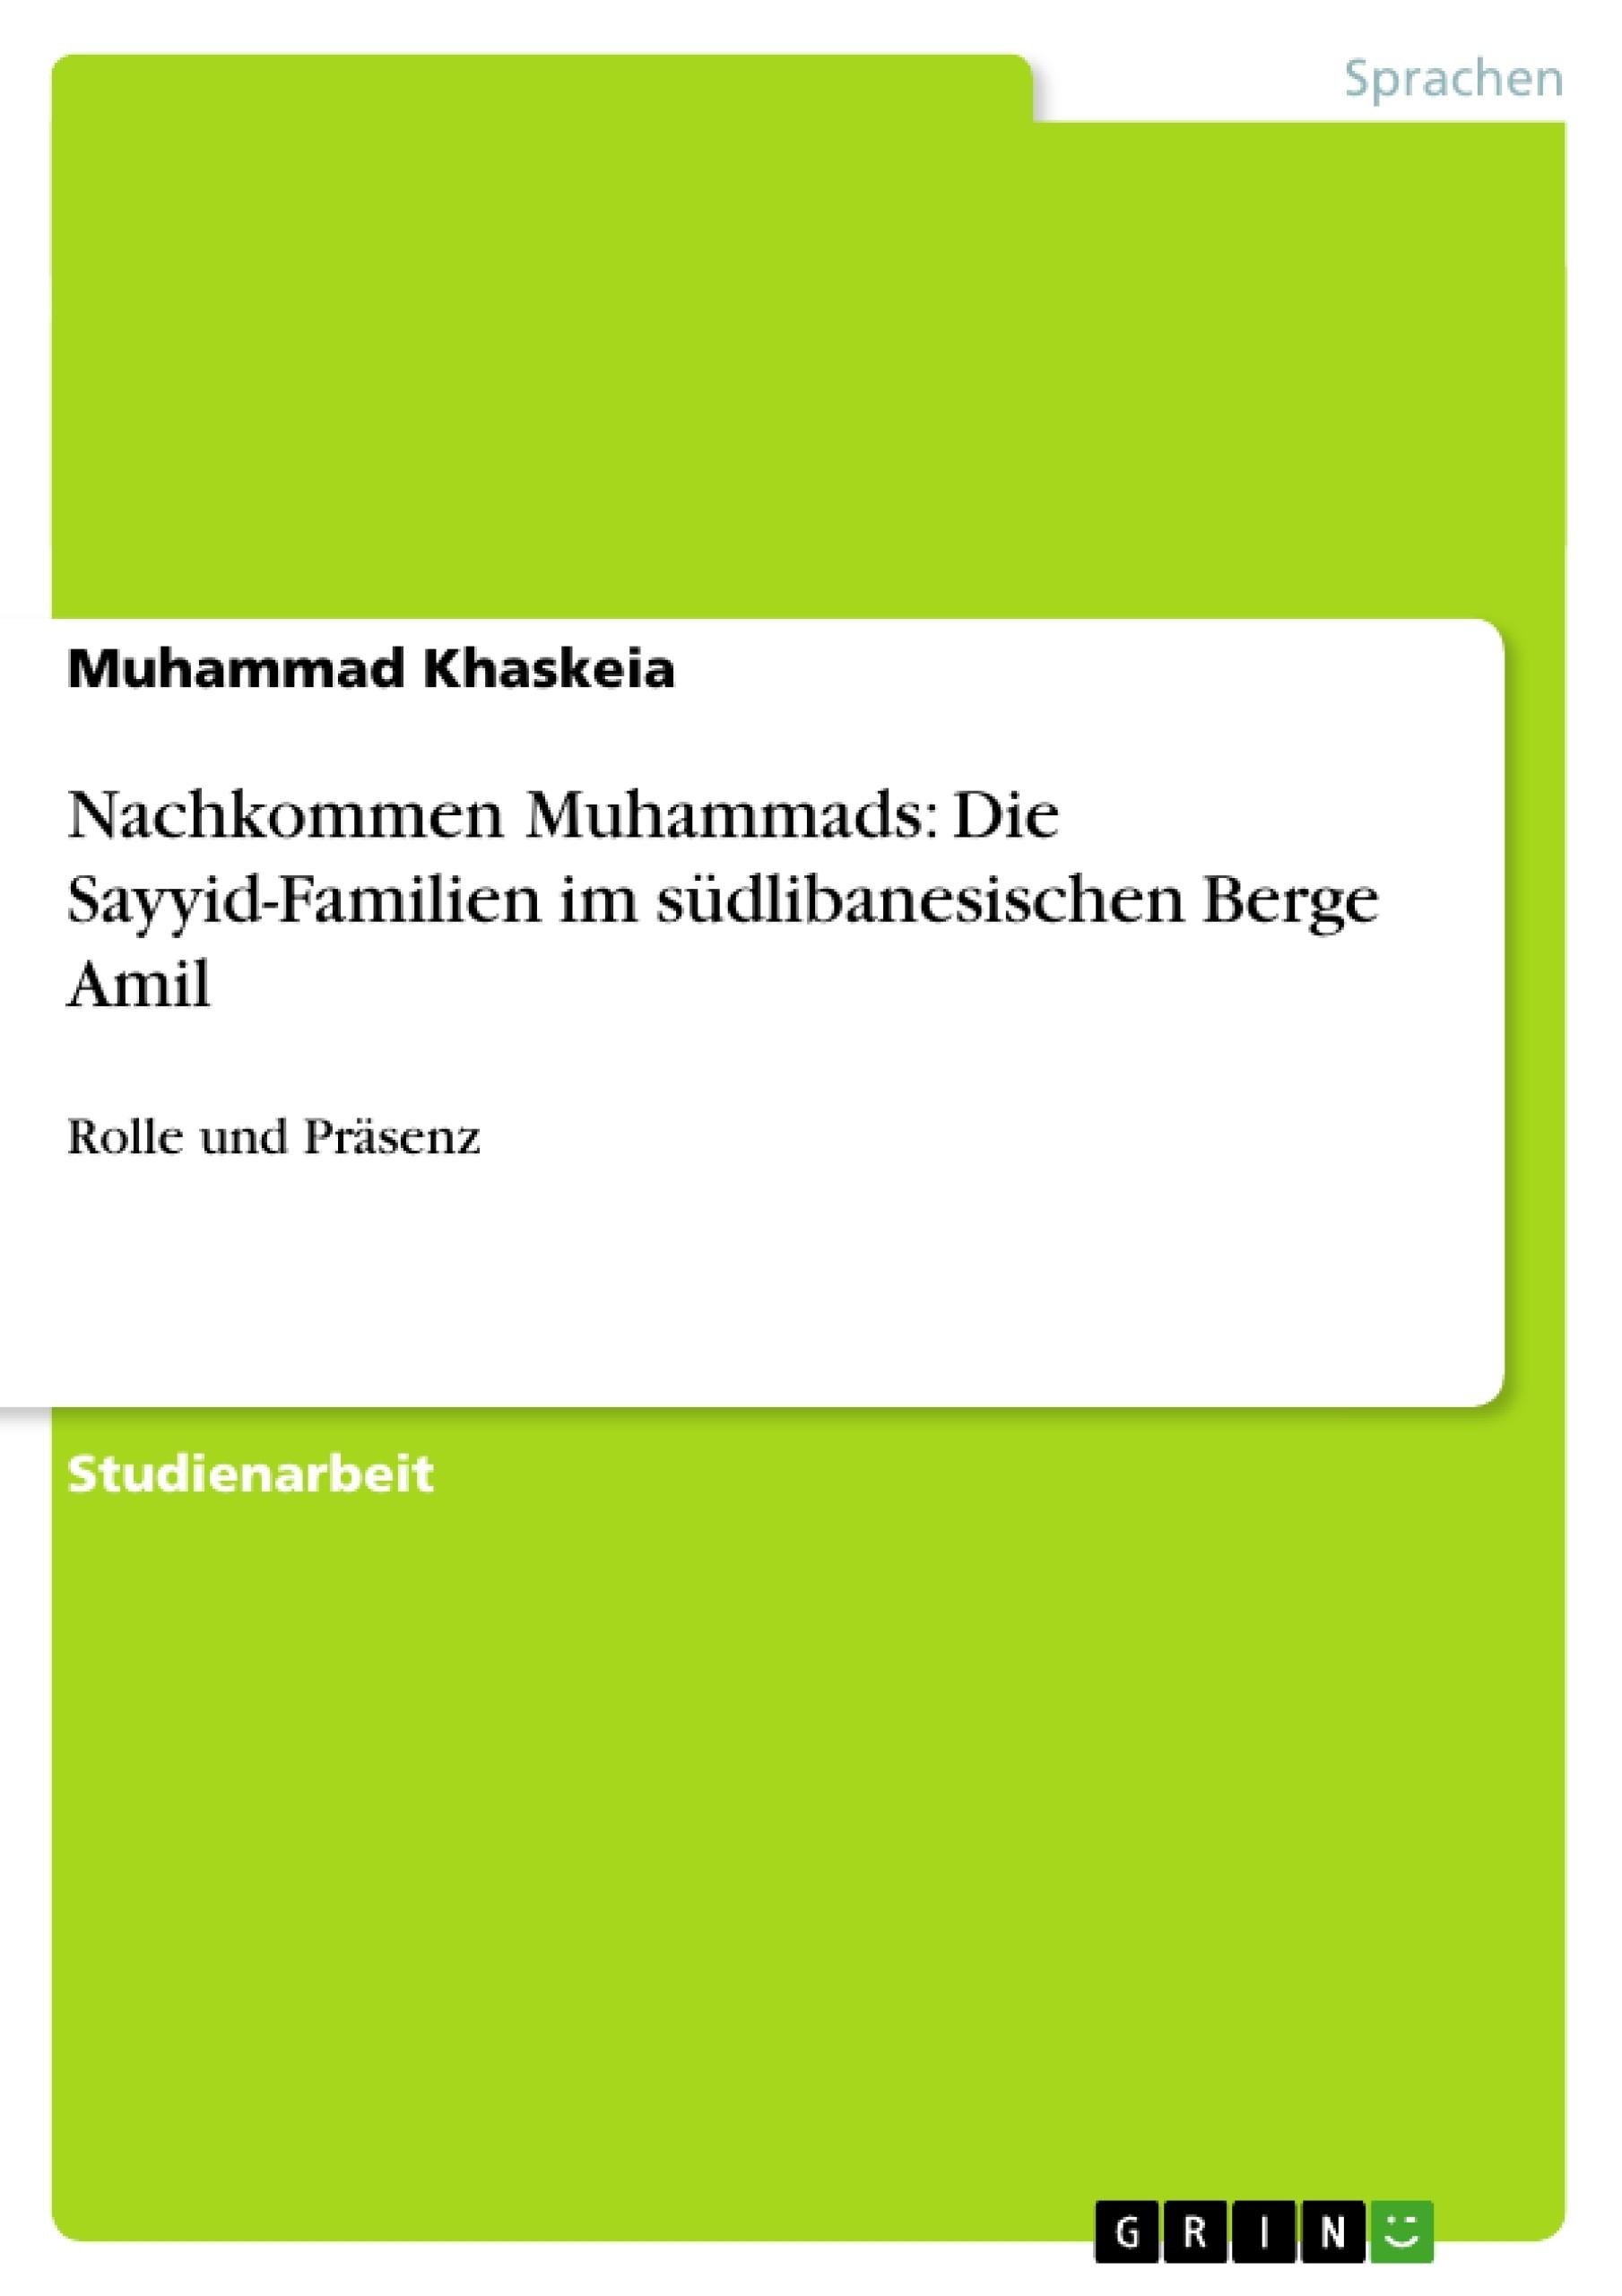 Titel: Nachkommen Muhammads: Die Sayyid-Familien im südlibanesischen Berge Amil